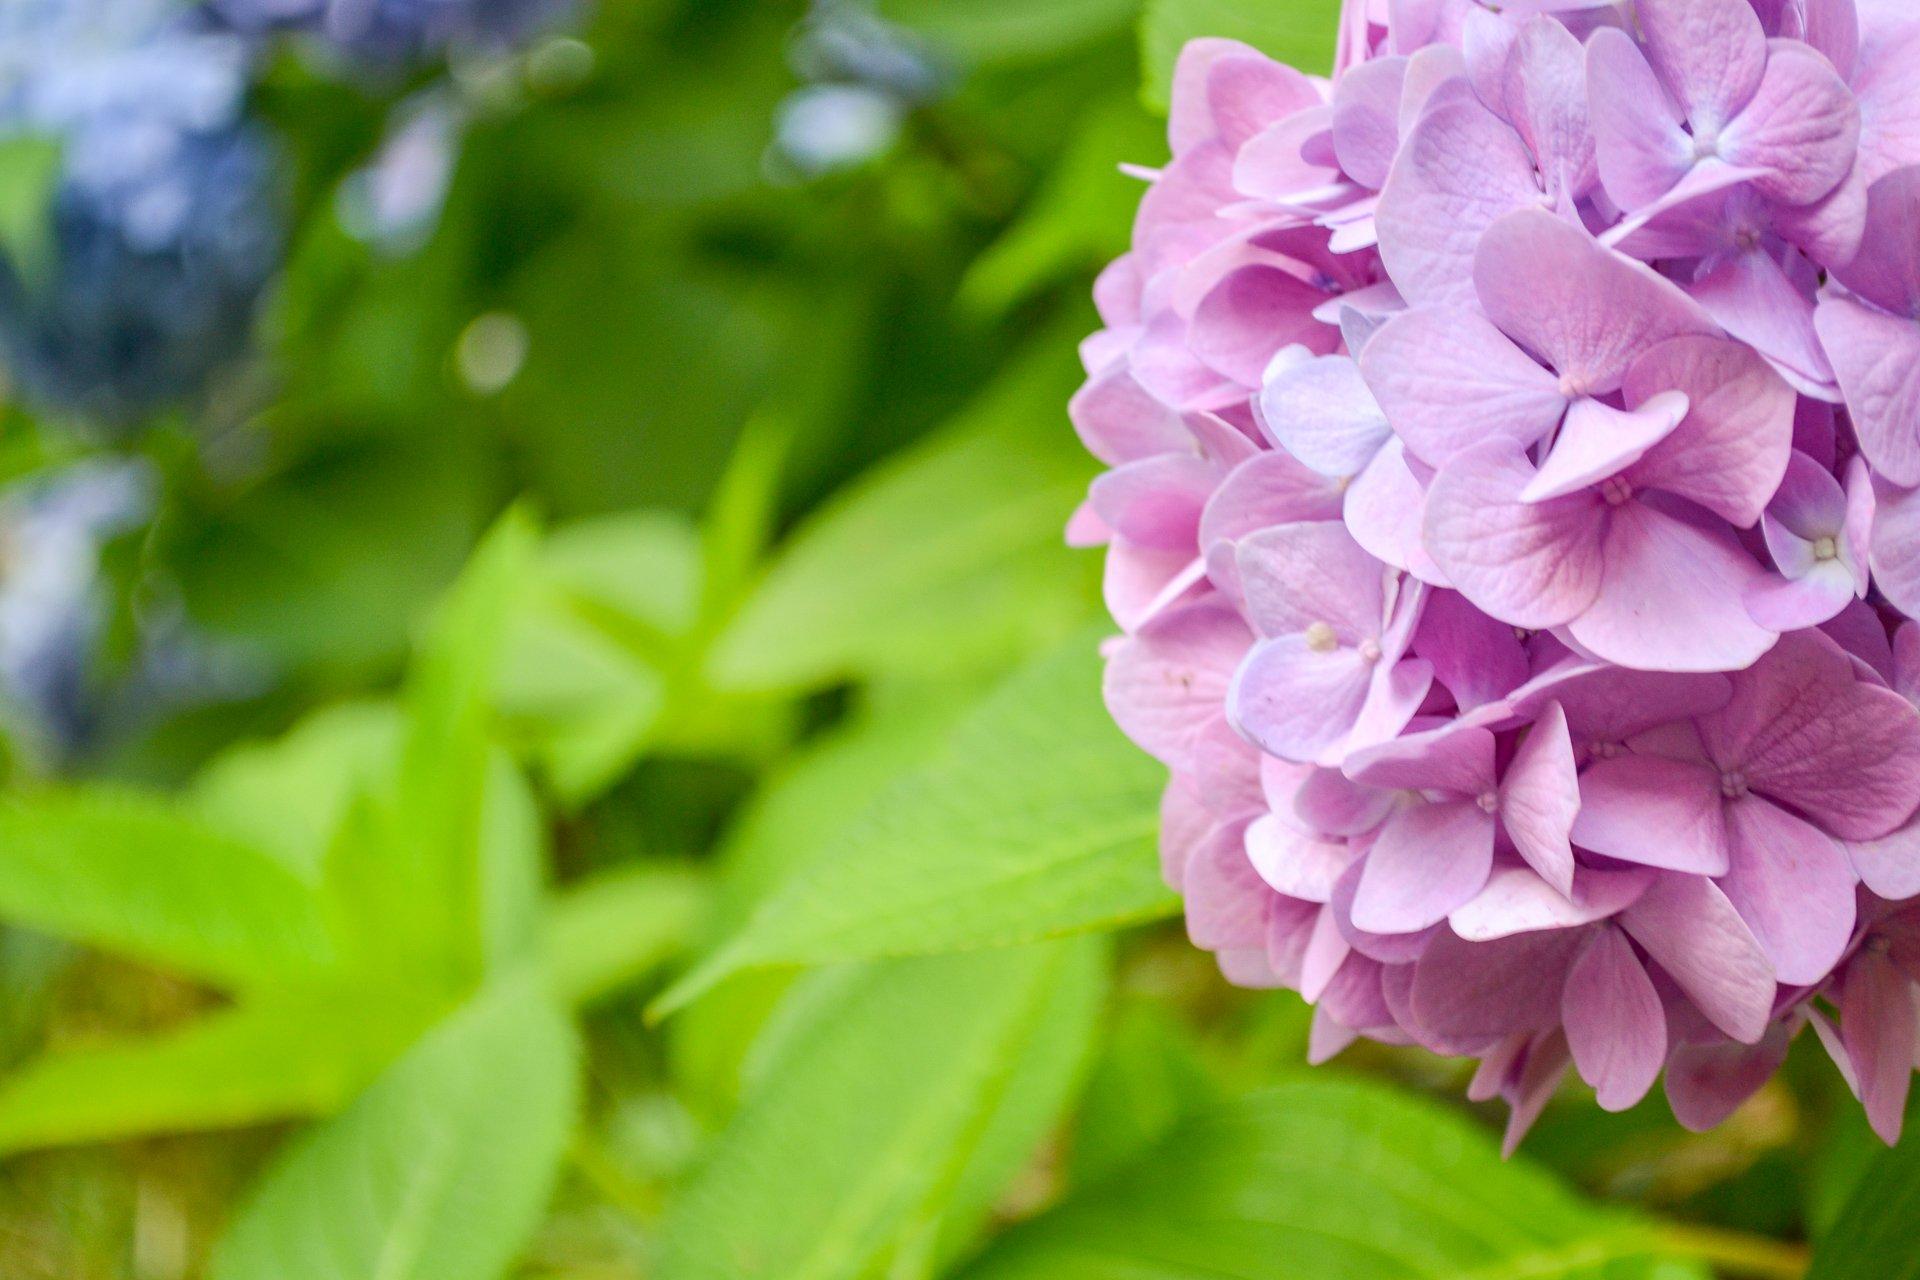 purpley pink hydrangea